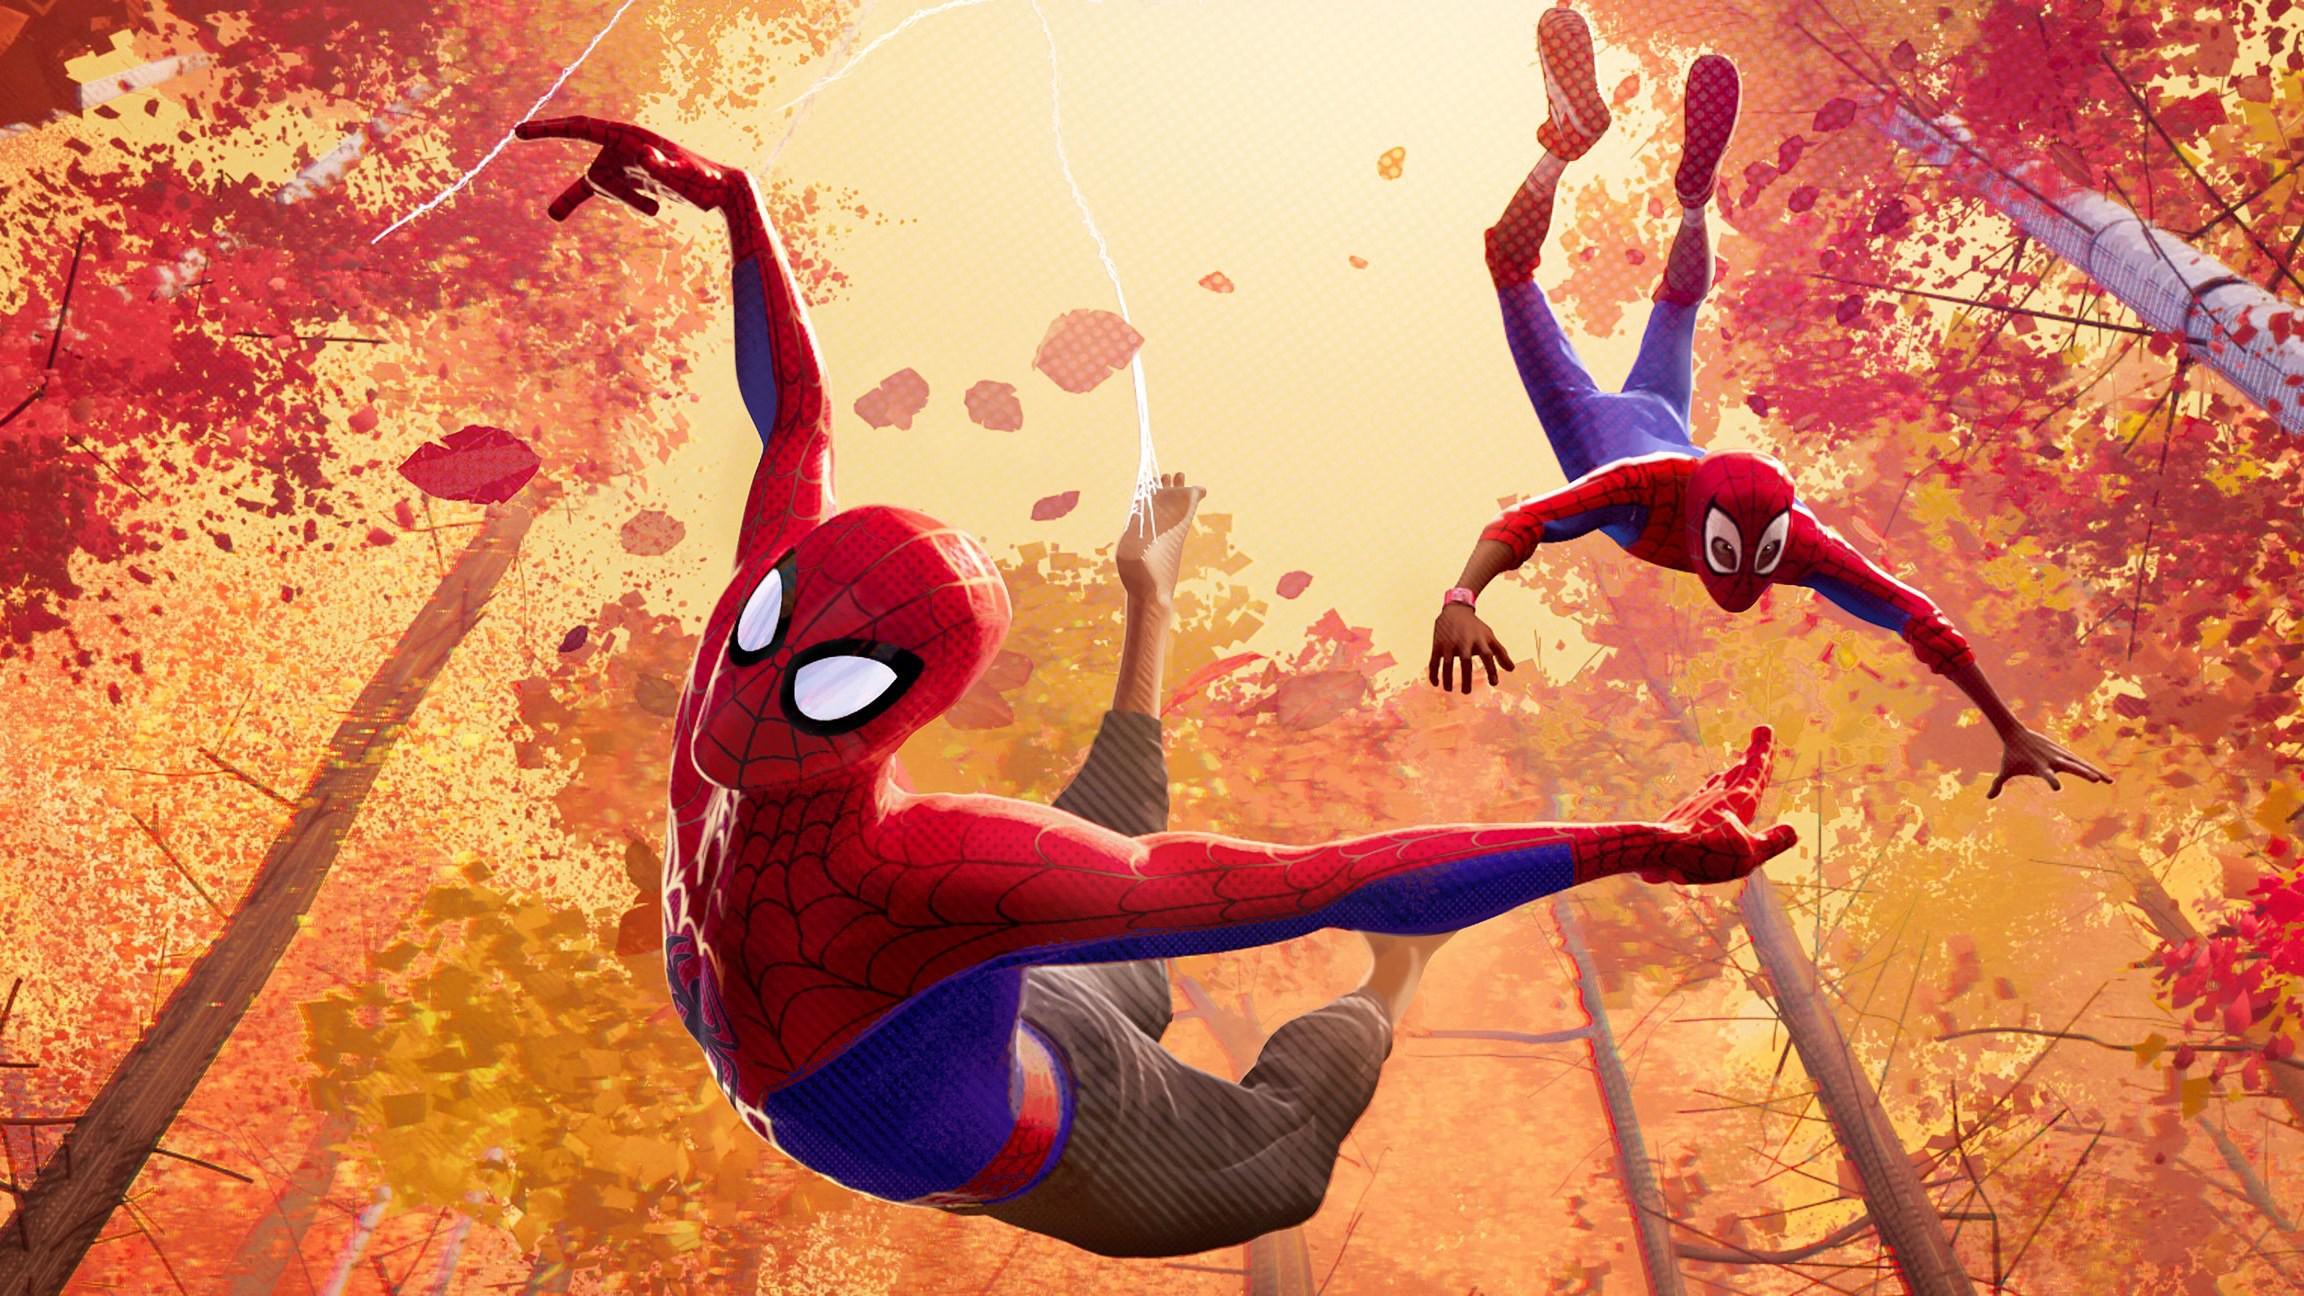 Homem Aranha No Aranhaverso E A Mais Nova Tentativa Spider Man